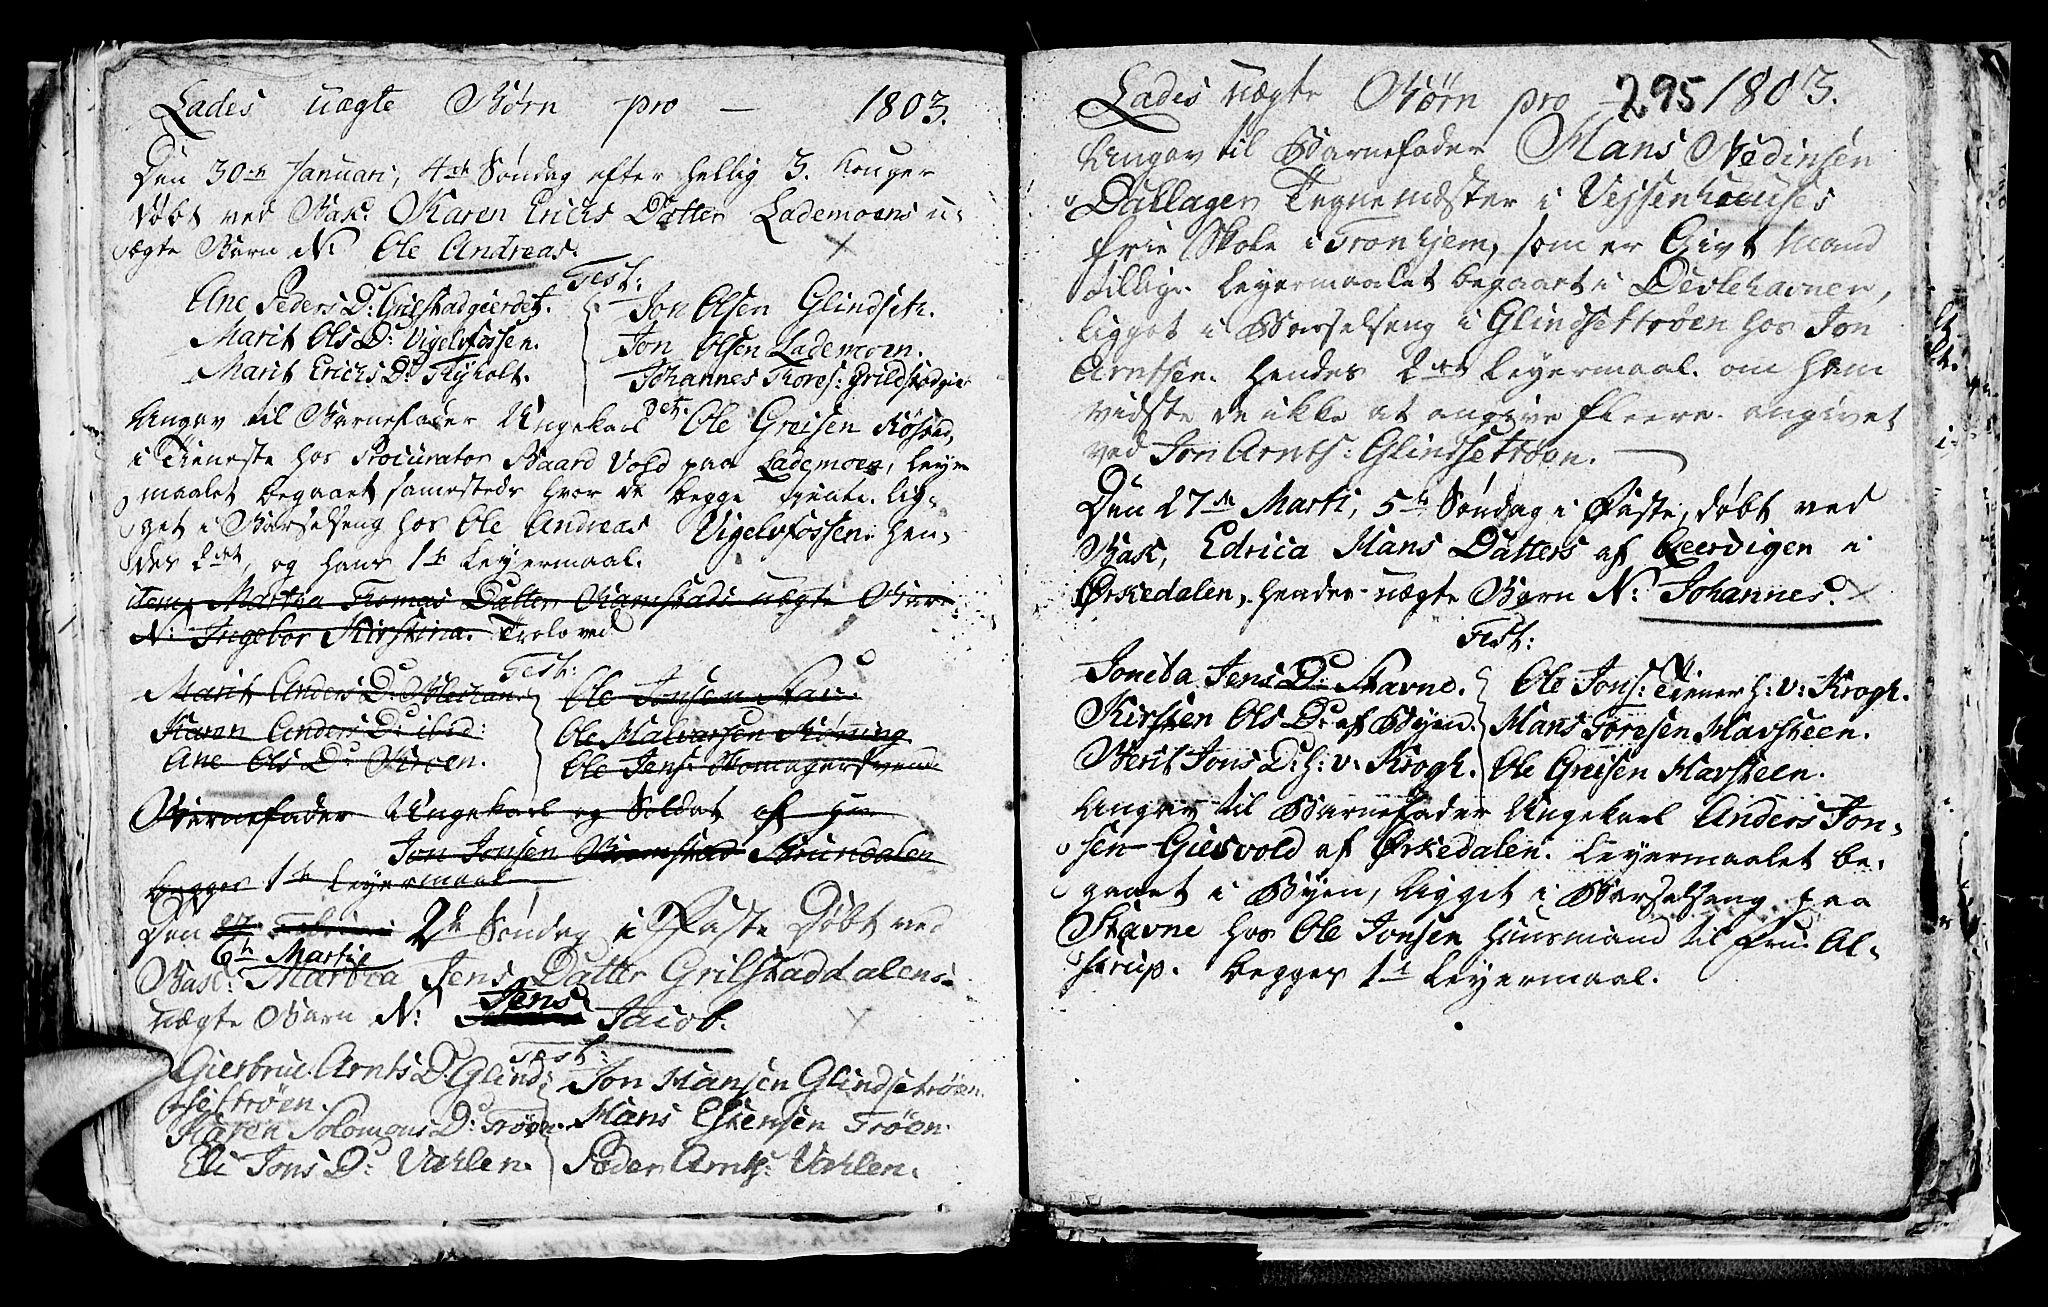 SAT, Ministerialprotokoller, klokkerbøker og fødselsregistre - Sør-Trøndelag, 606/L0305: Klokkerbok nr. 606C01, 1757-1819, s. 295